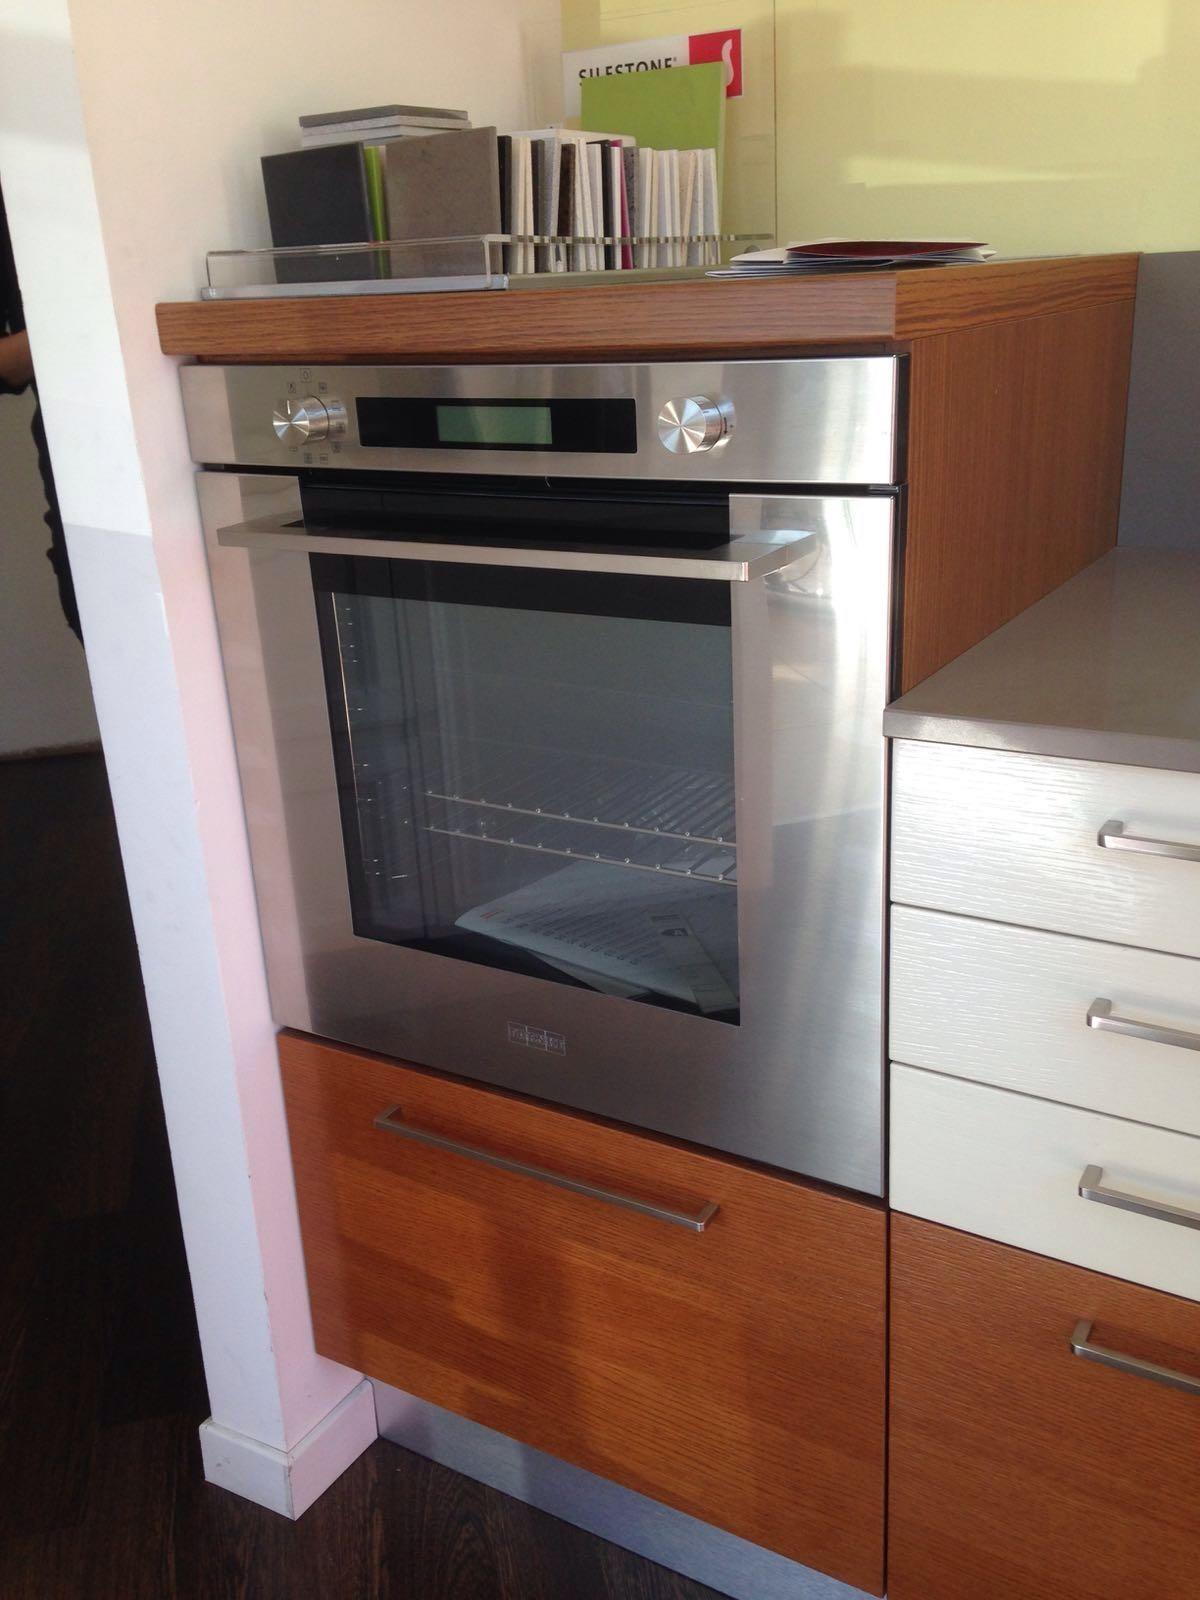 cucina lineare lube scontata del 60% - cucine a prezzi scontati - Cucine Varese